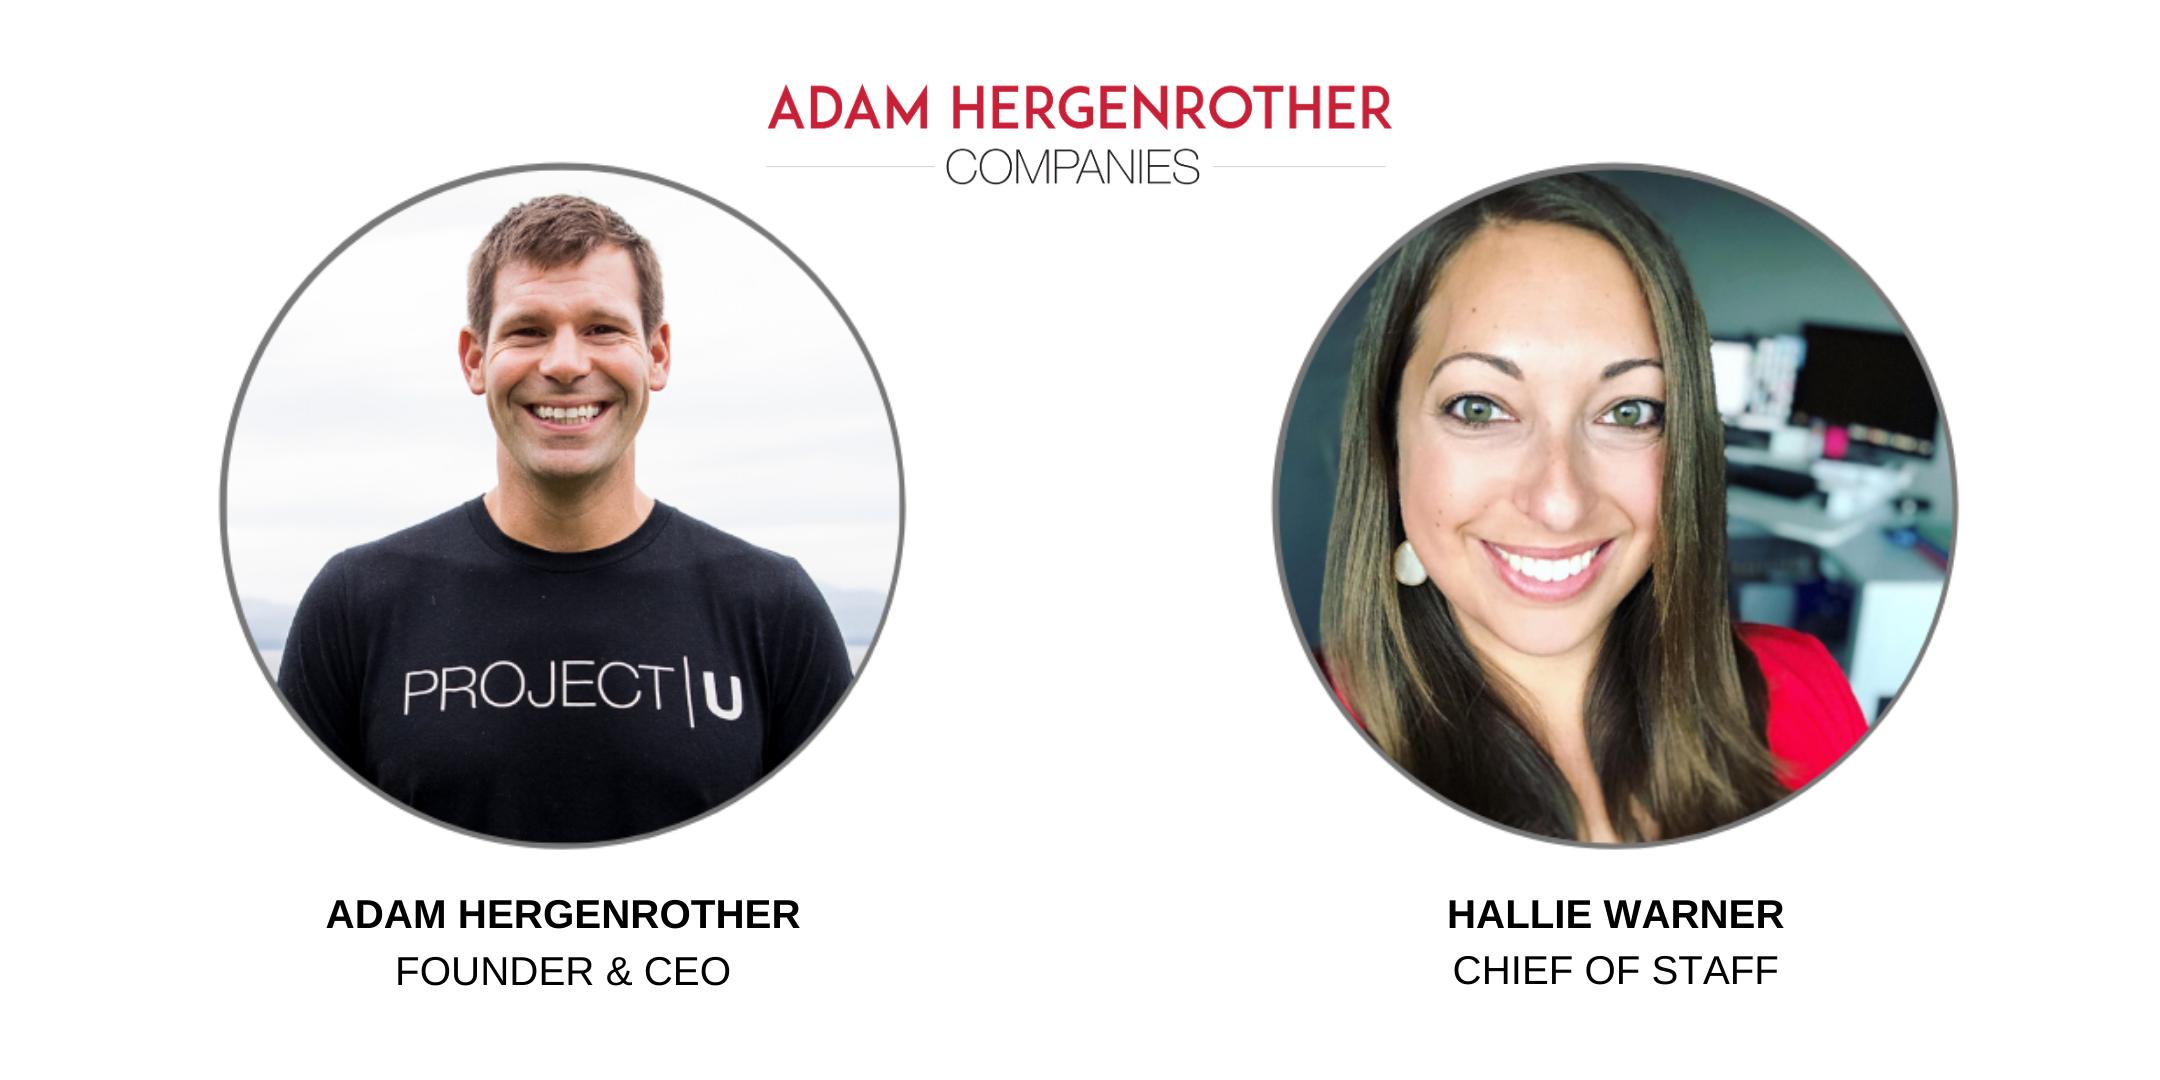 Adam Hergenrother & Hallie Warner